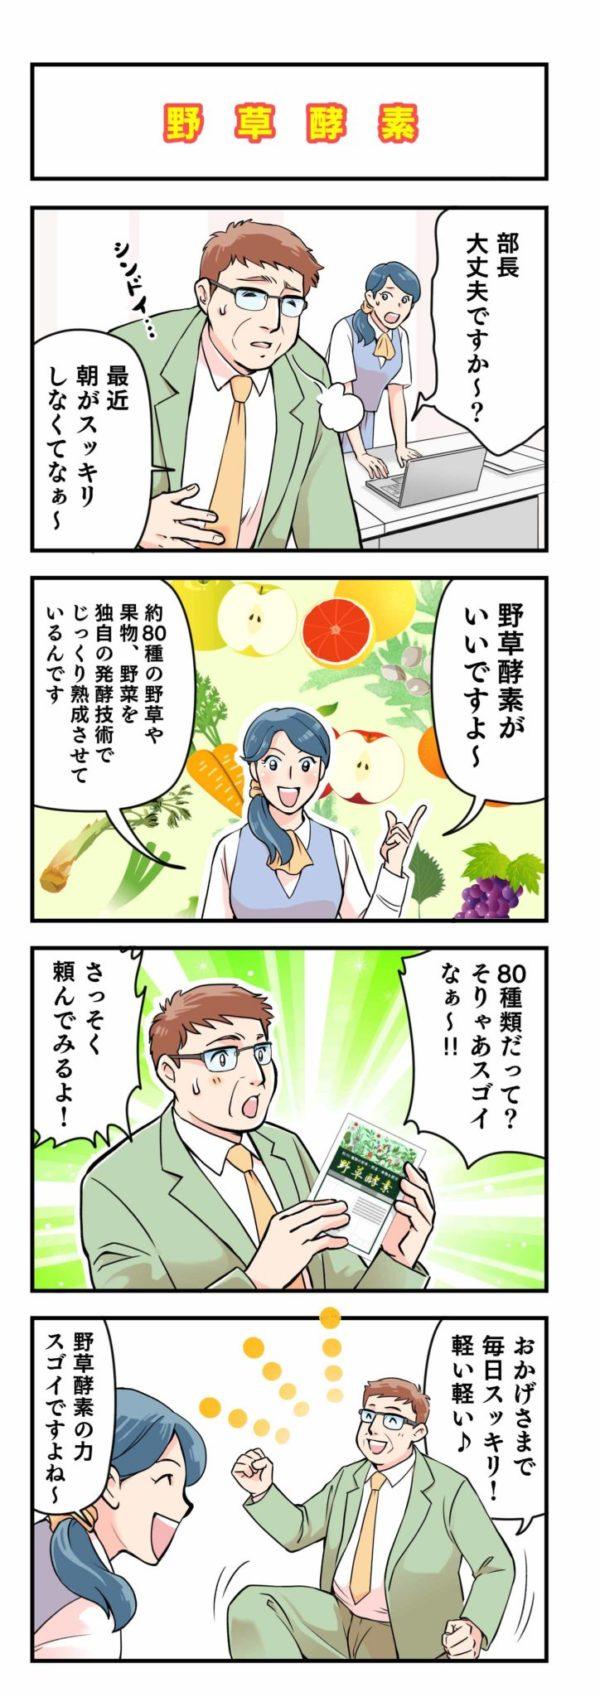 「野草酵素」商品紹介4コマ漫画